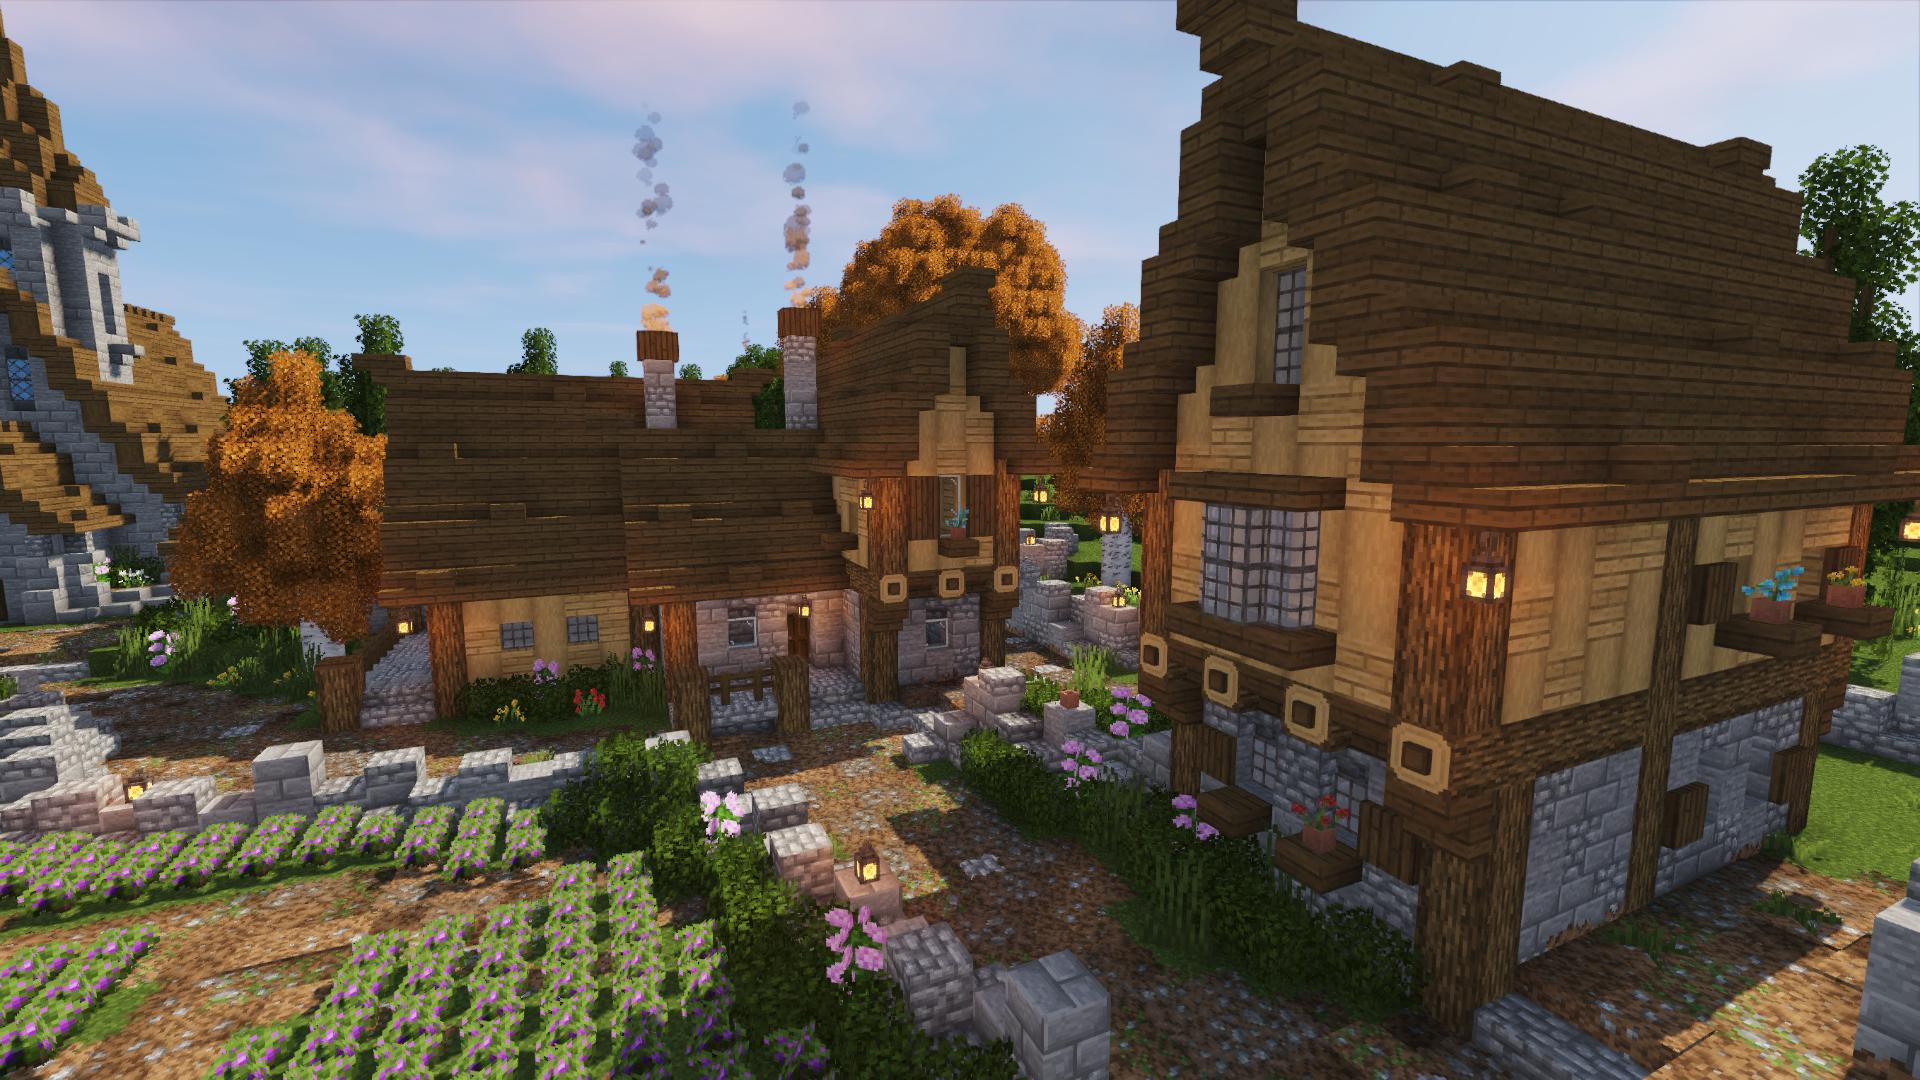 Minecraft Village Transformation Timelapse Speed Build Part 6 Bluenerd